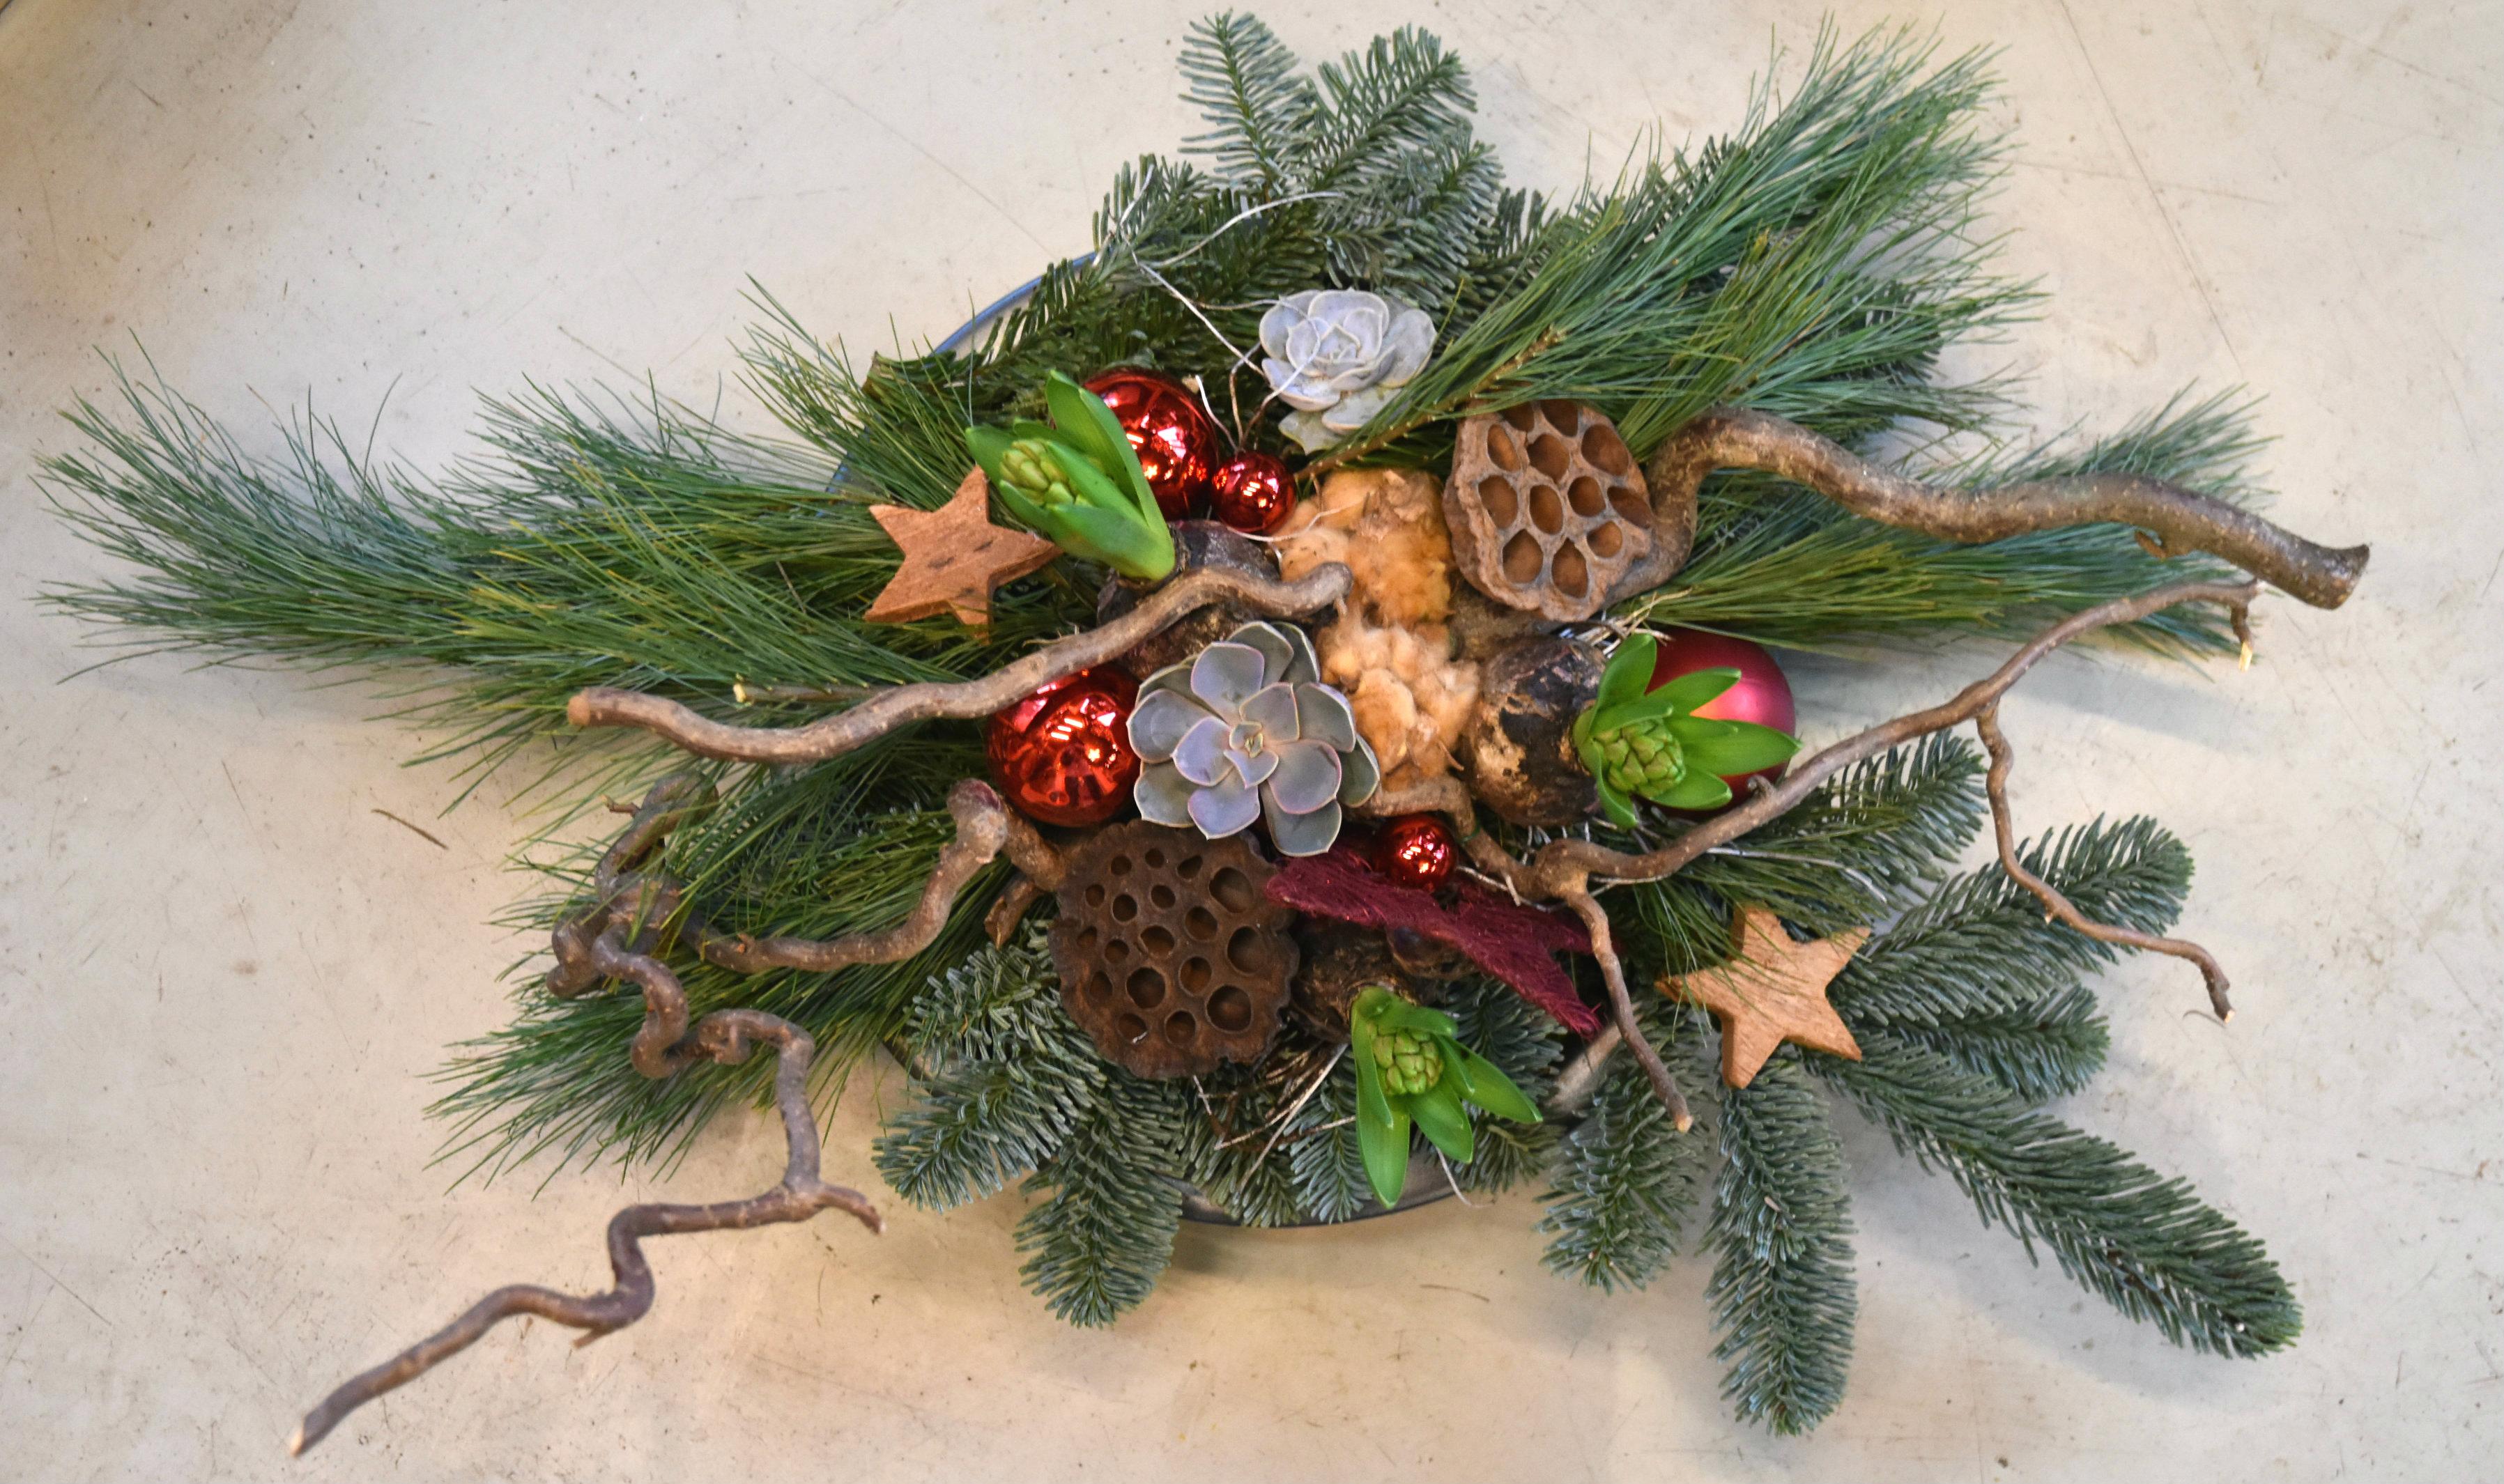 Traditioneel kerststuk maken met lekker veel groen for Decoratie stuk om te leven